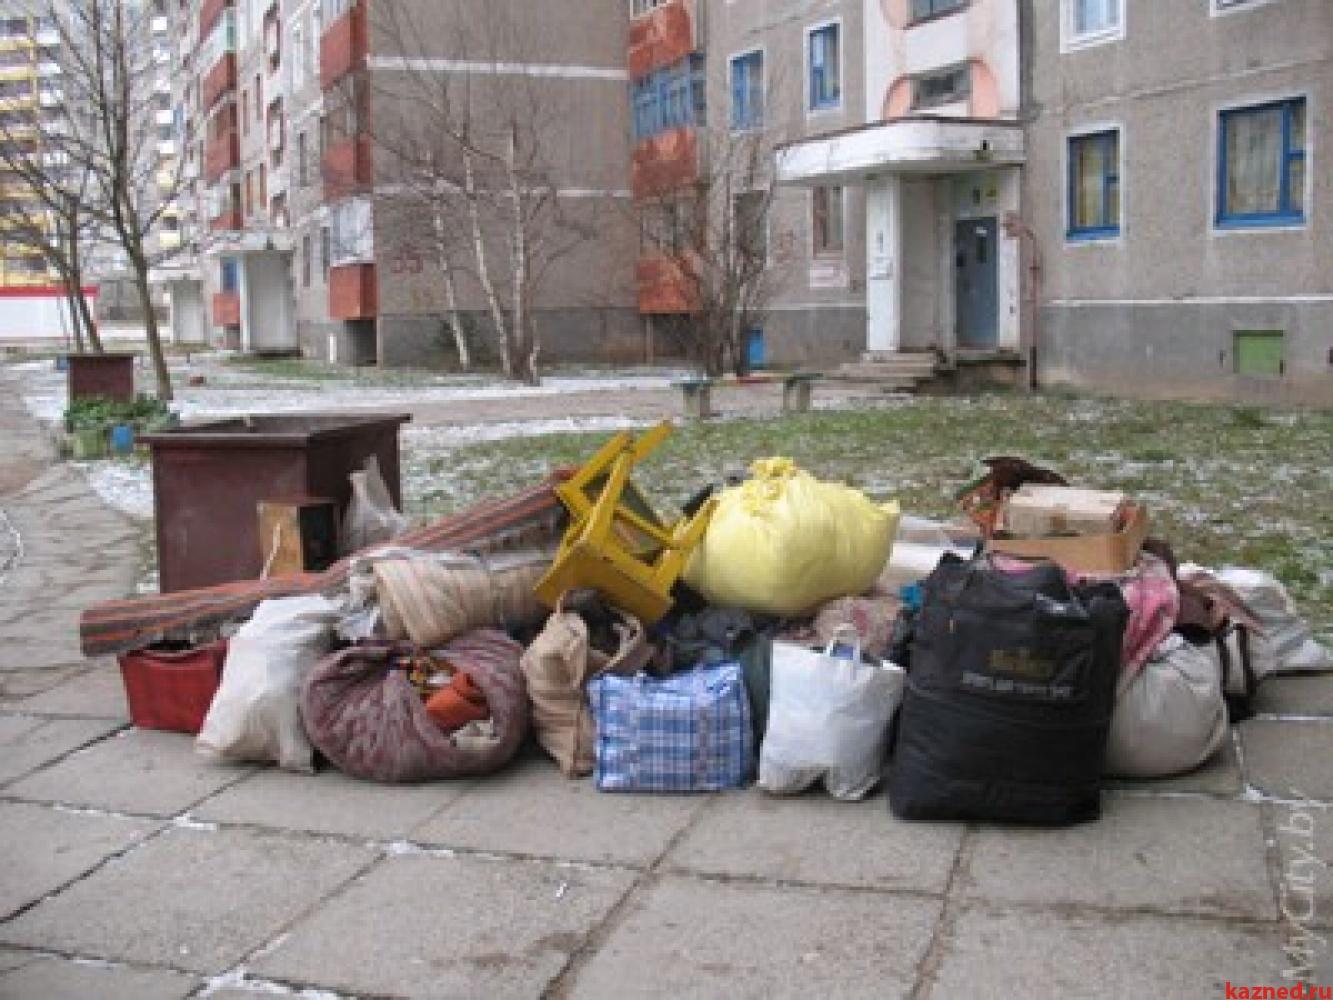 эффективное как выгнать недобросовесных жильцов становится неотъемлемой частью